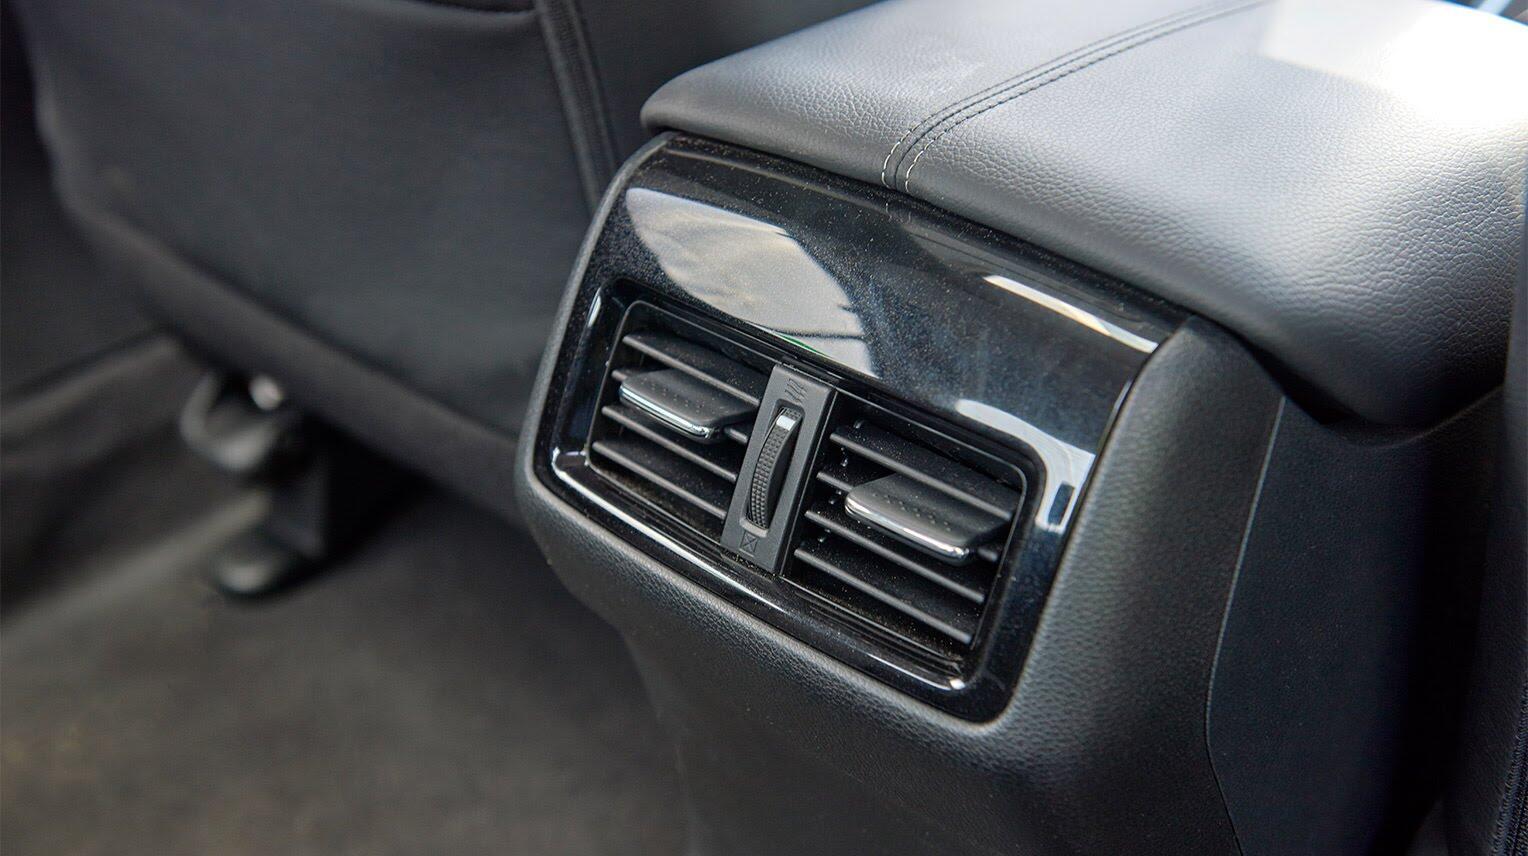 Đánh giá Honda Accord 2016: Ưa nhìn hơn, trang bị tốt hơn và lái phấn khích hơn - Hình 21